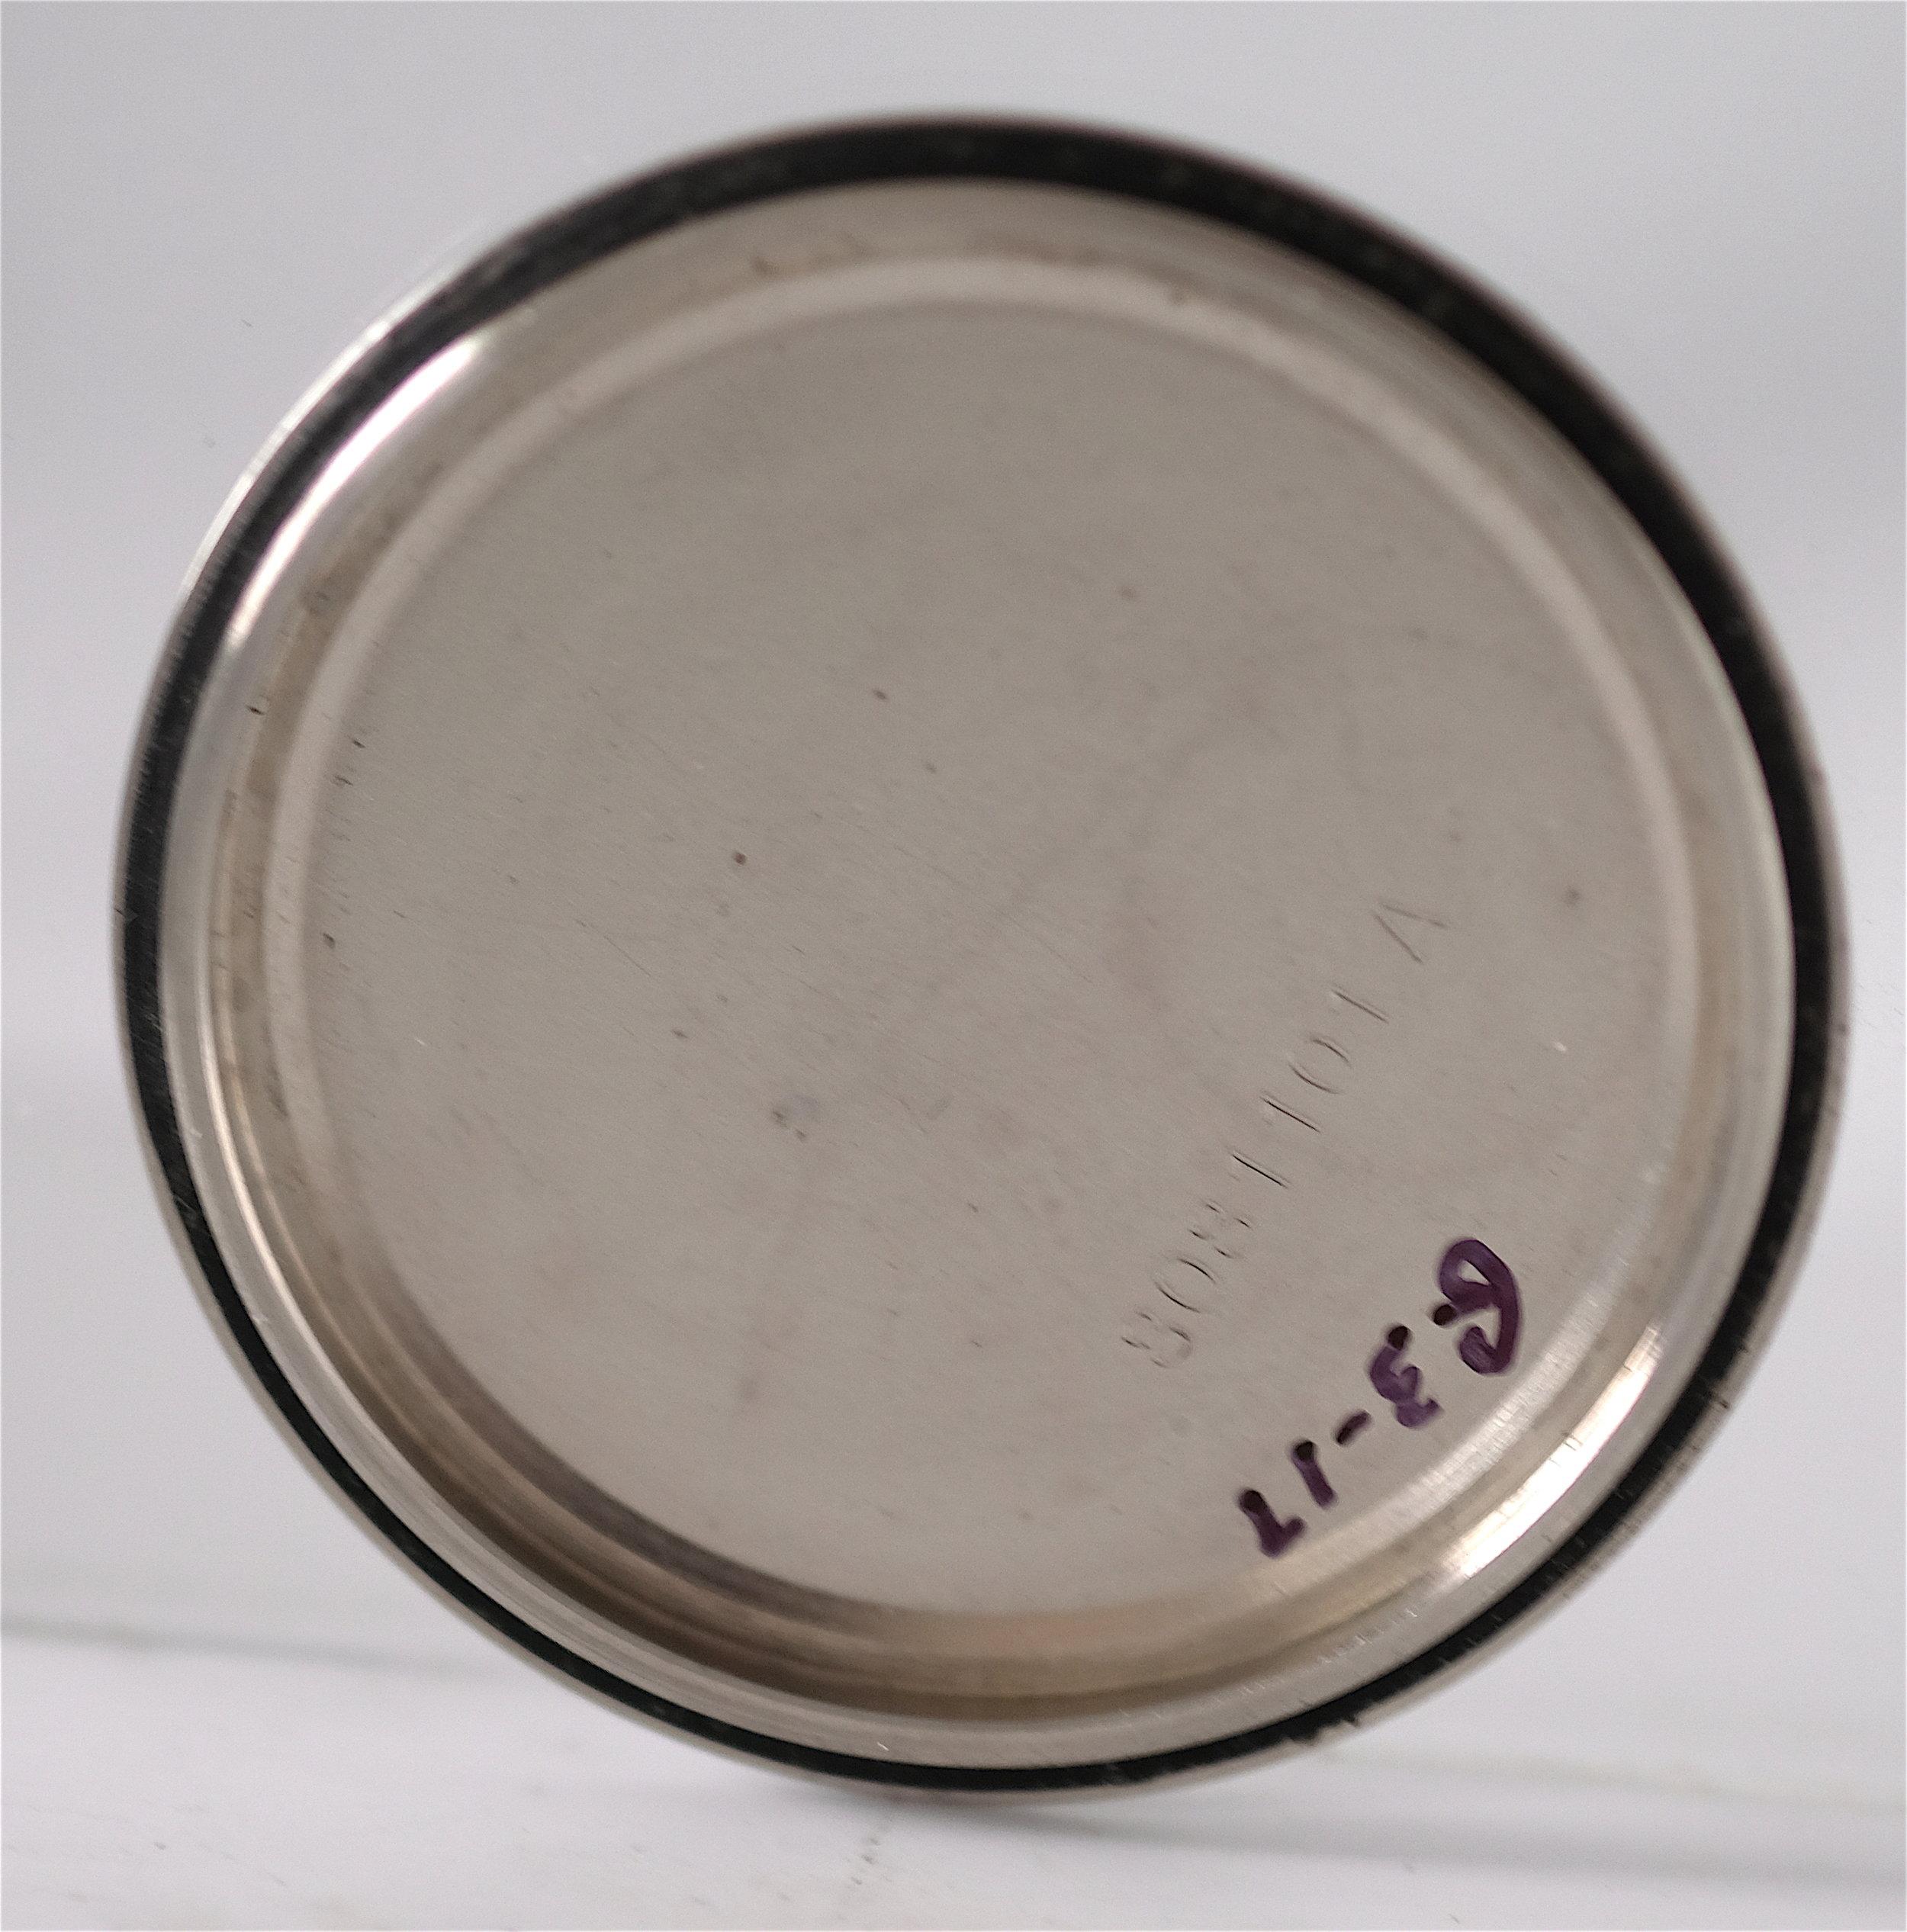 DSCF4701 (1).JPG